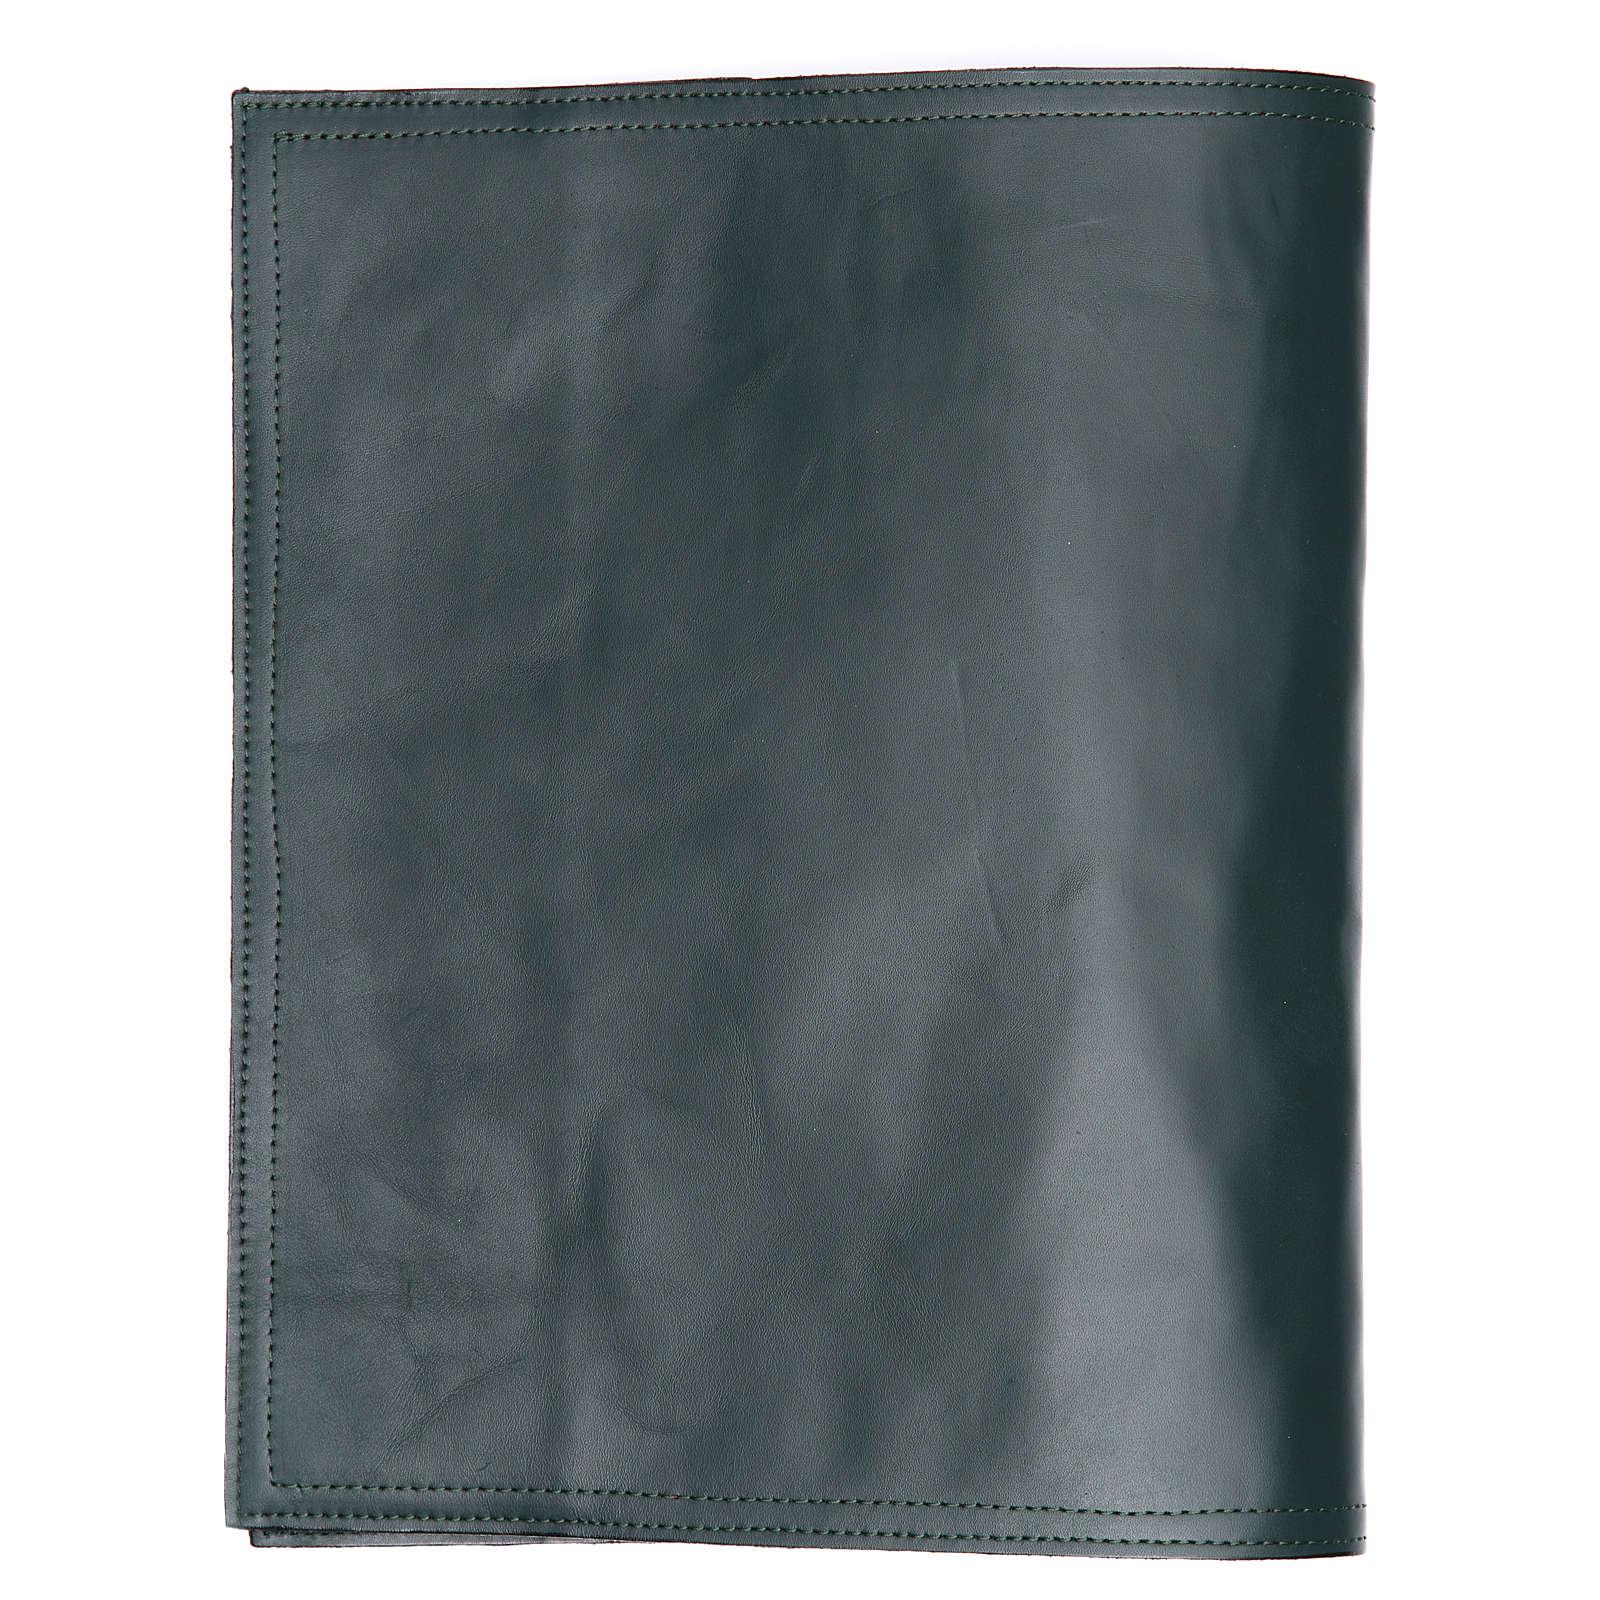 Couverture lectionnaire des Saints Alpha Oméga vert cuir 4